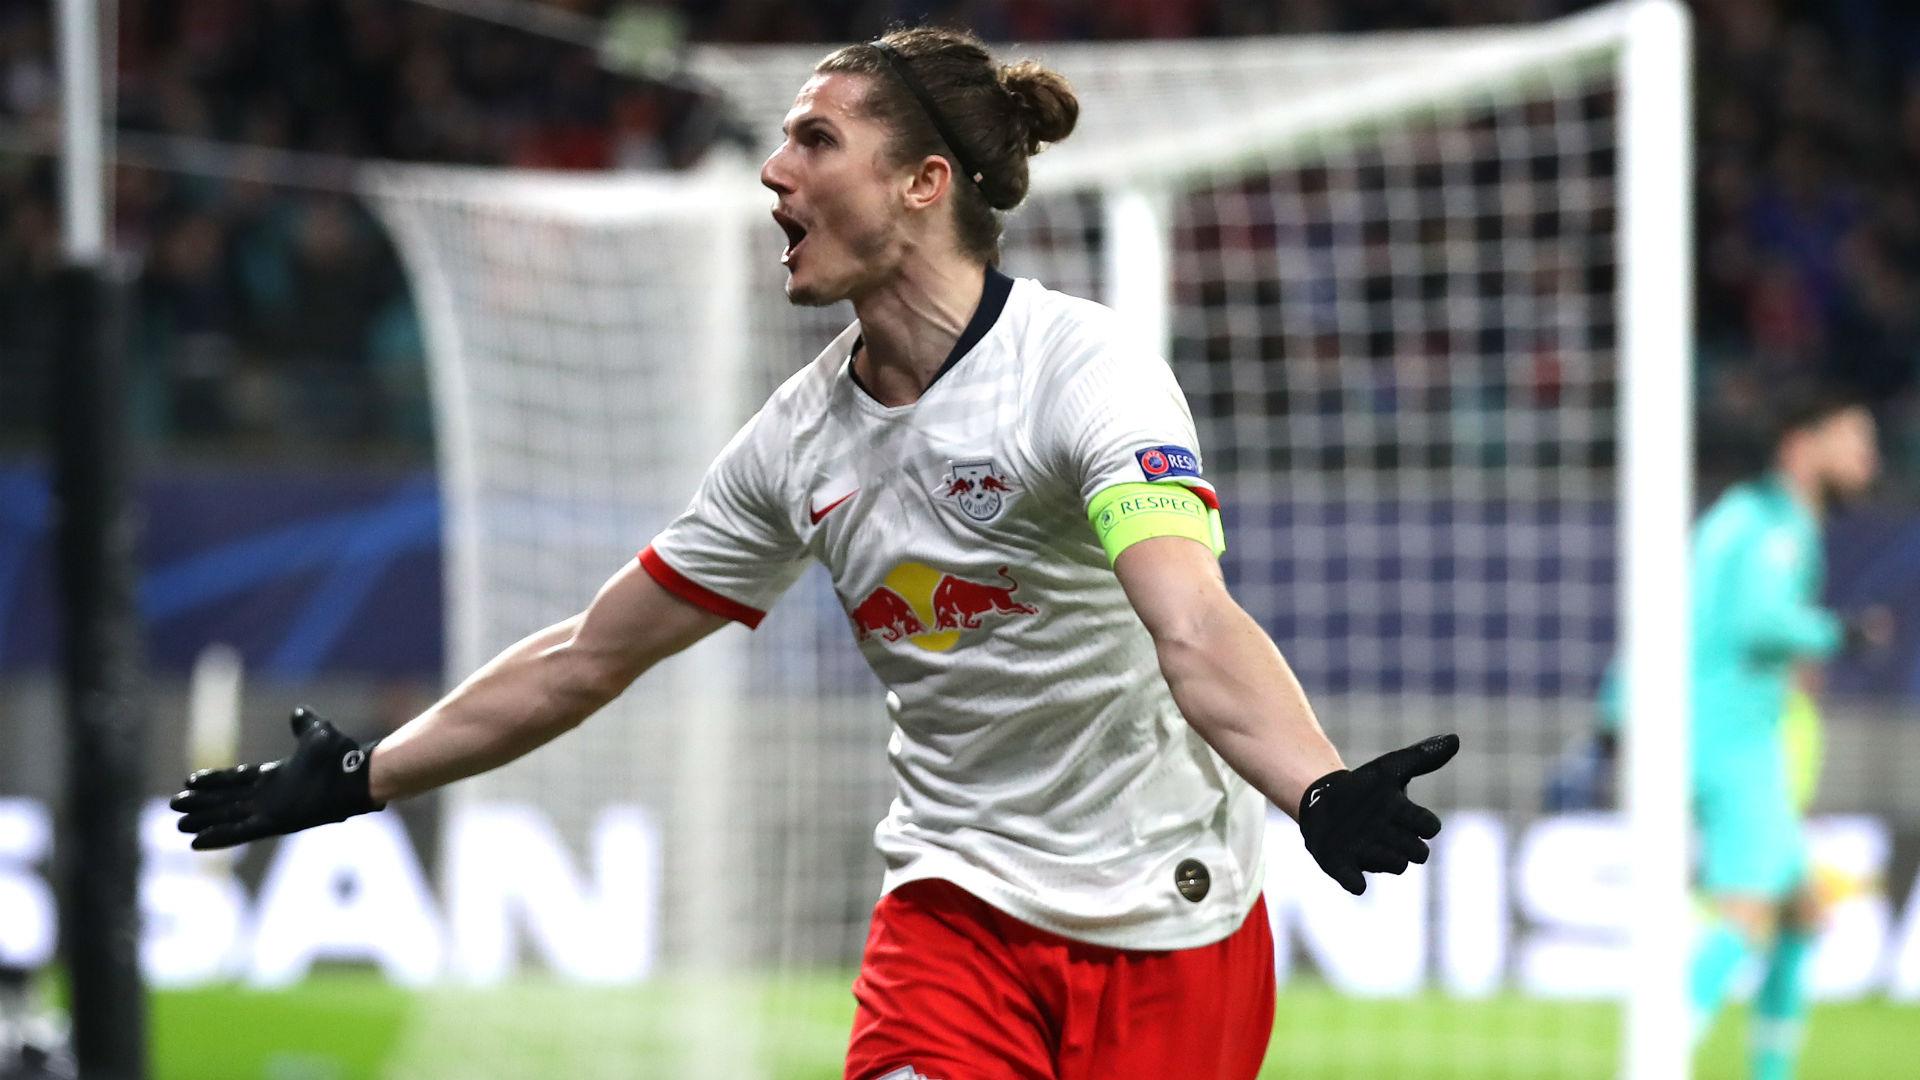 Rb Leipzig V Tottenham Hotspur Match Report 2020 03 10 Uefa Champions League Goal Com